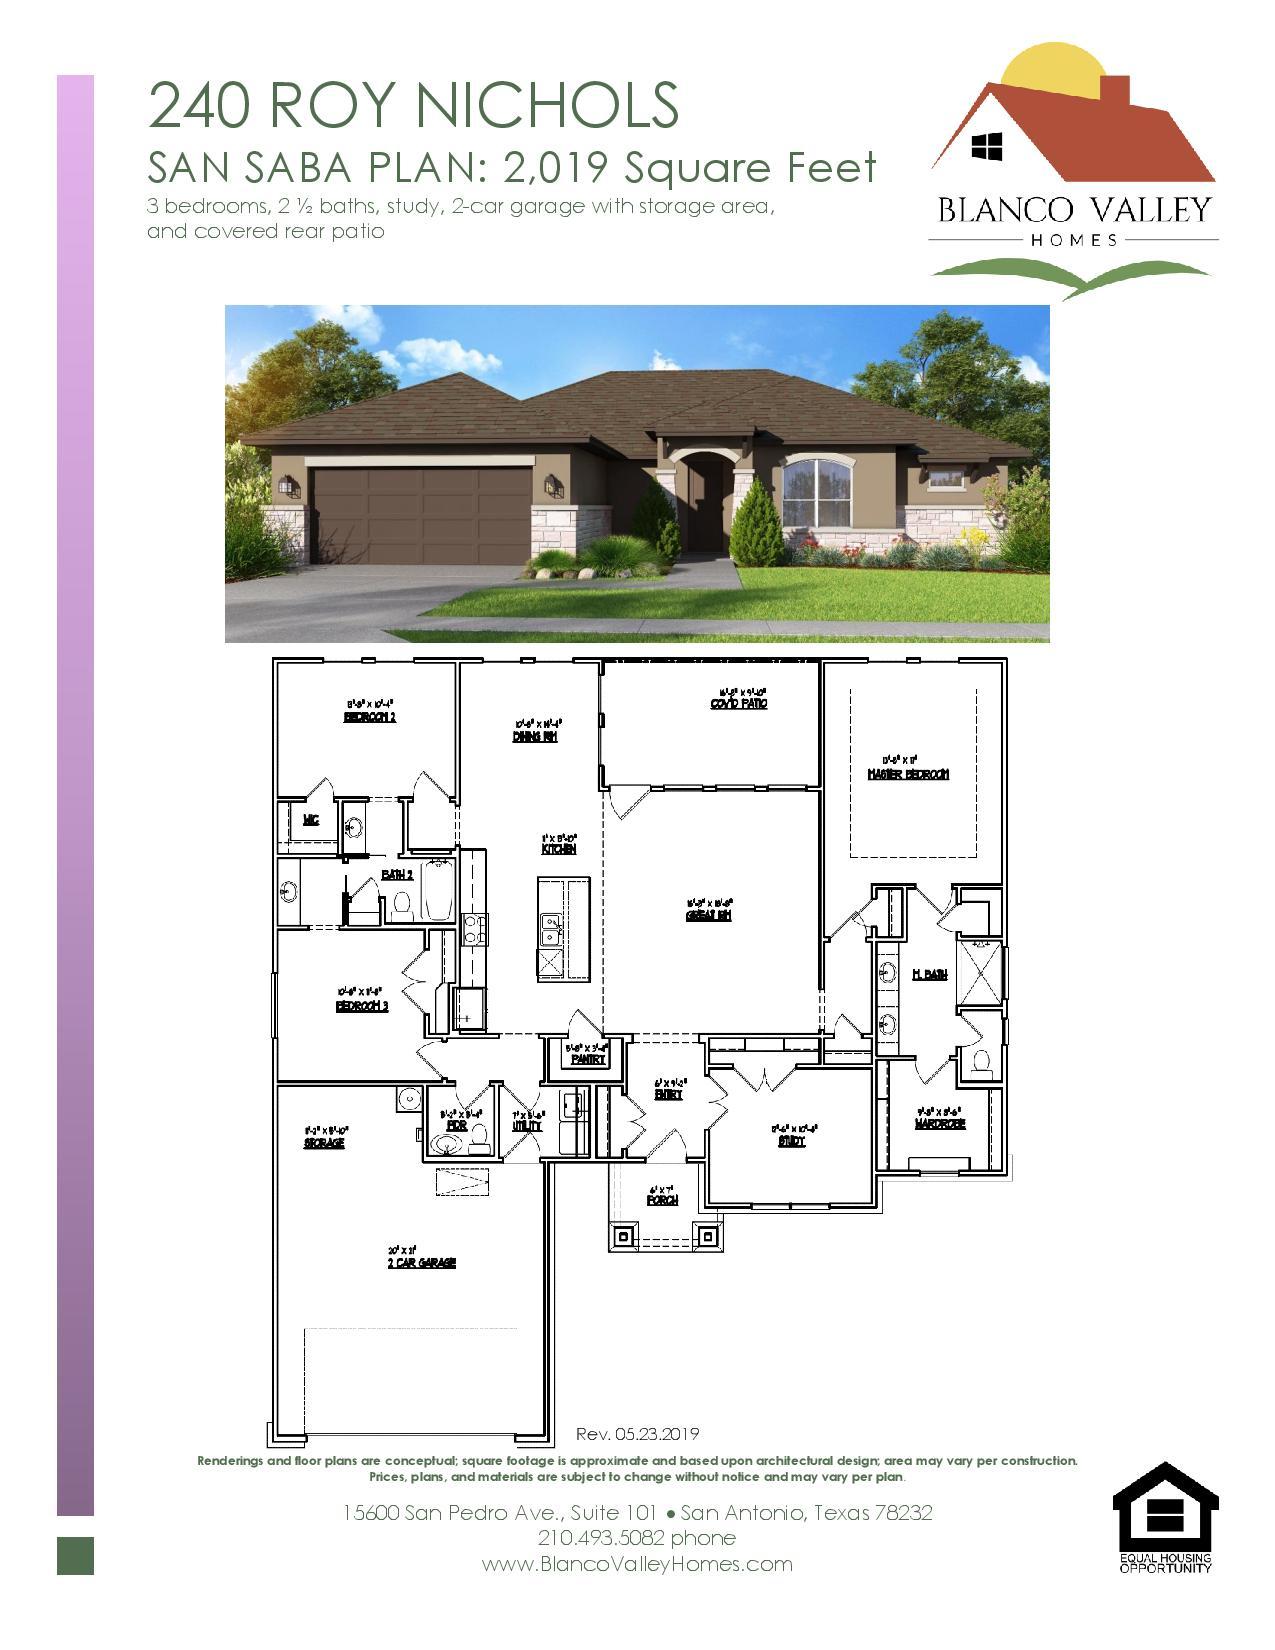 240 Roy Nichols Floor Plan.jpg